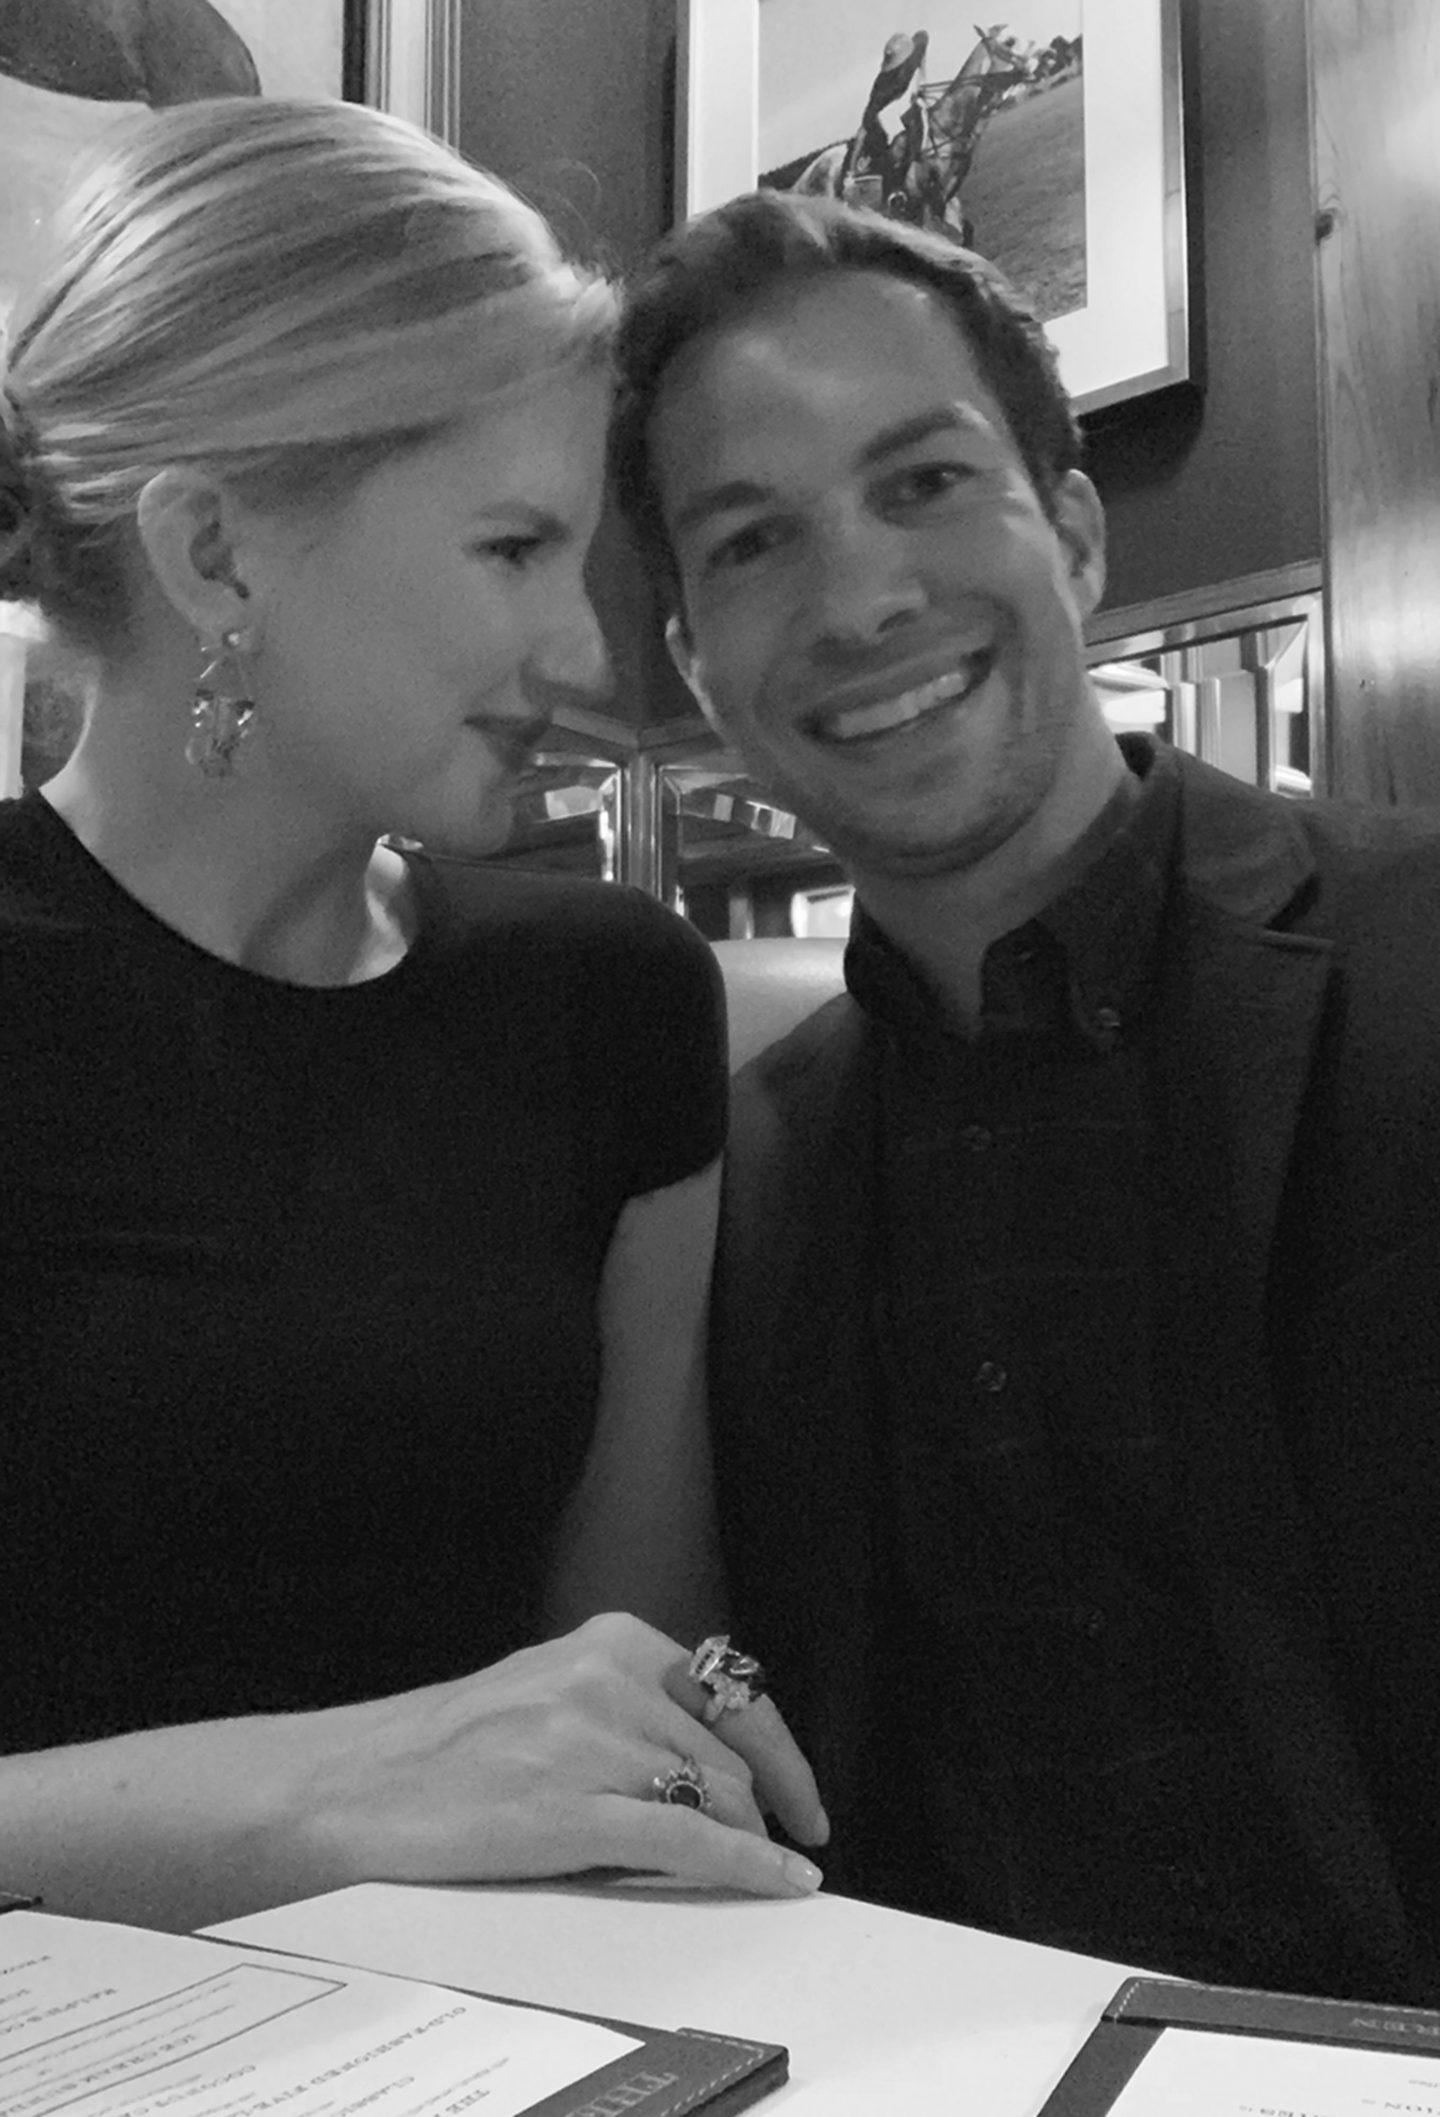 Ryan and Ashley Brooke at The Polo Bar NYC